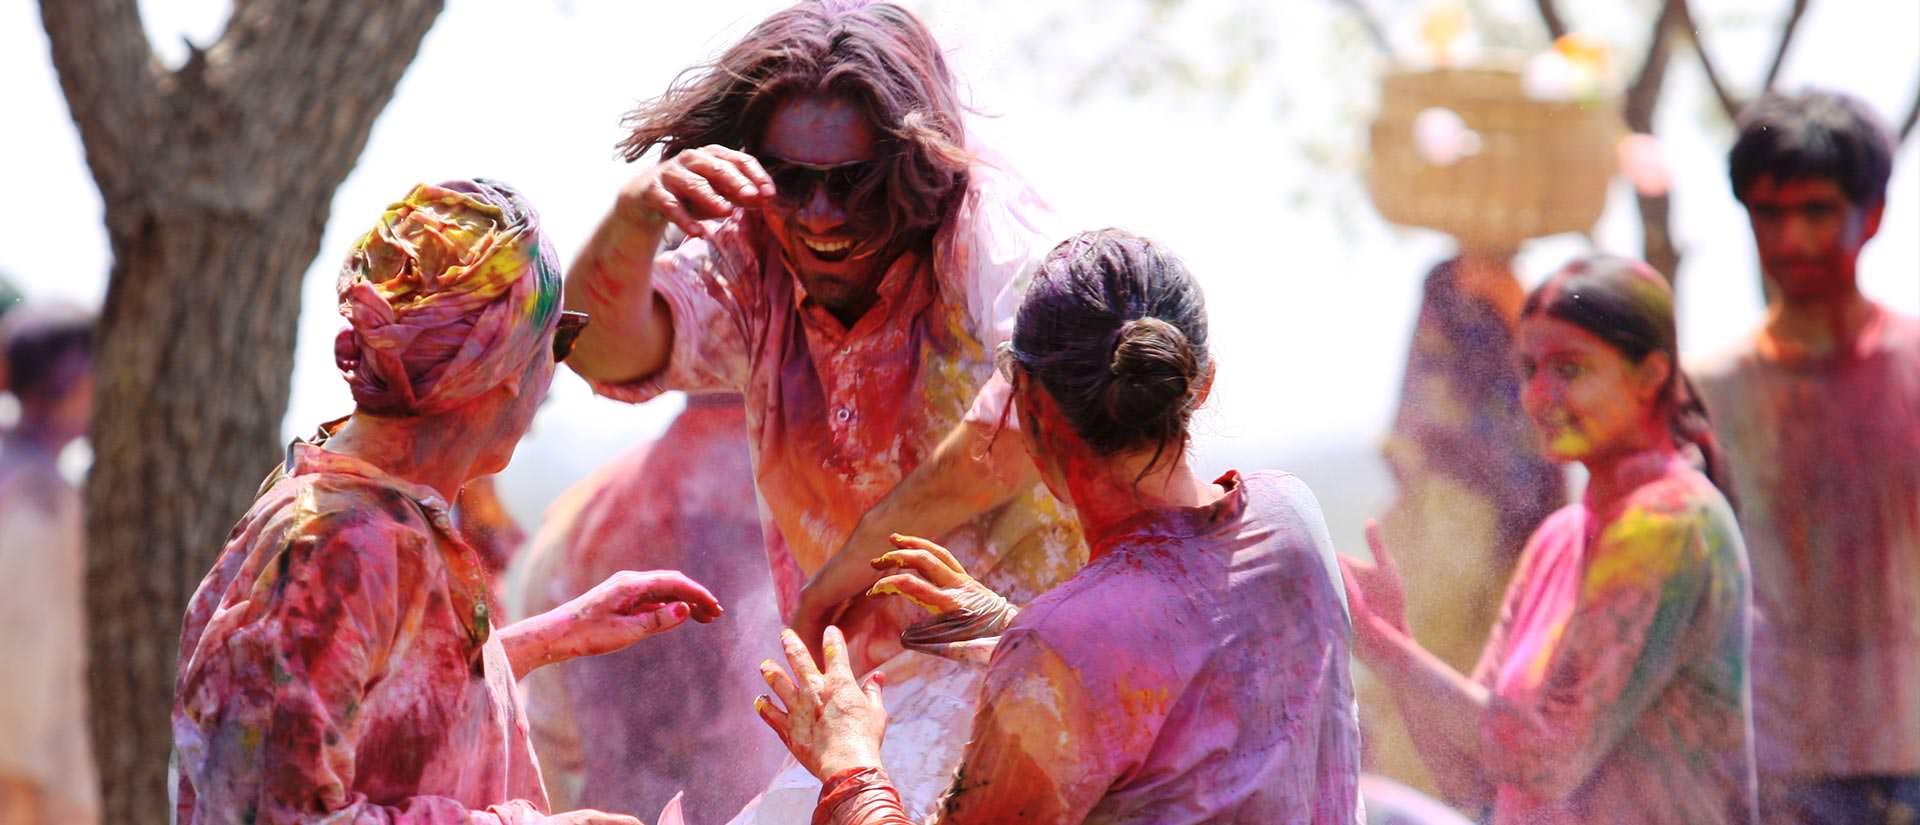 פסיטבל הולי בהודו - פסטיבל הצבעים